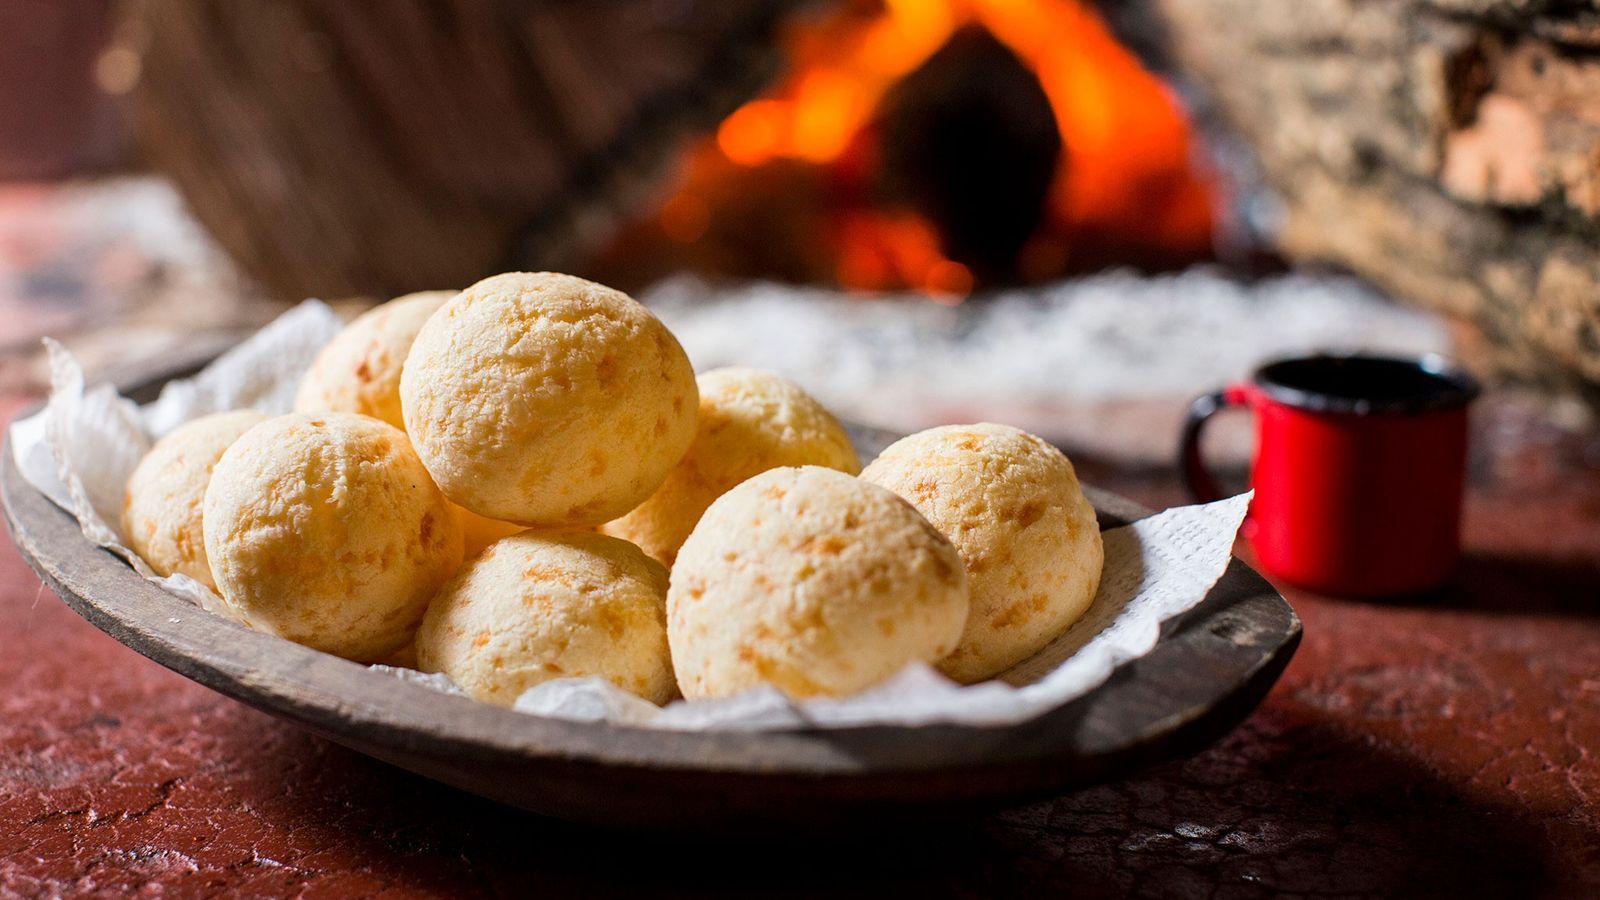 O pão de queijo de Minas Gerias, feito de polvilho e queijo minas, tem uma textura ...